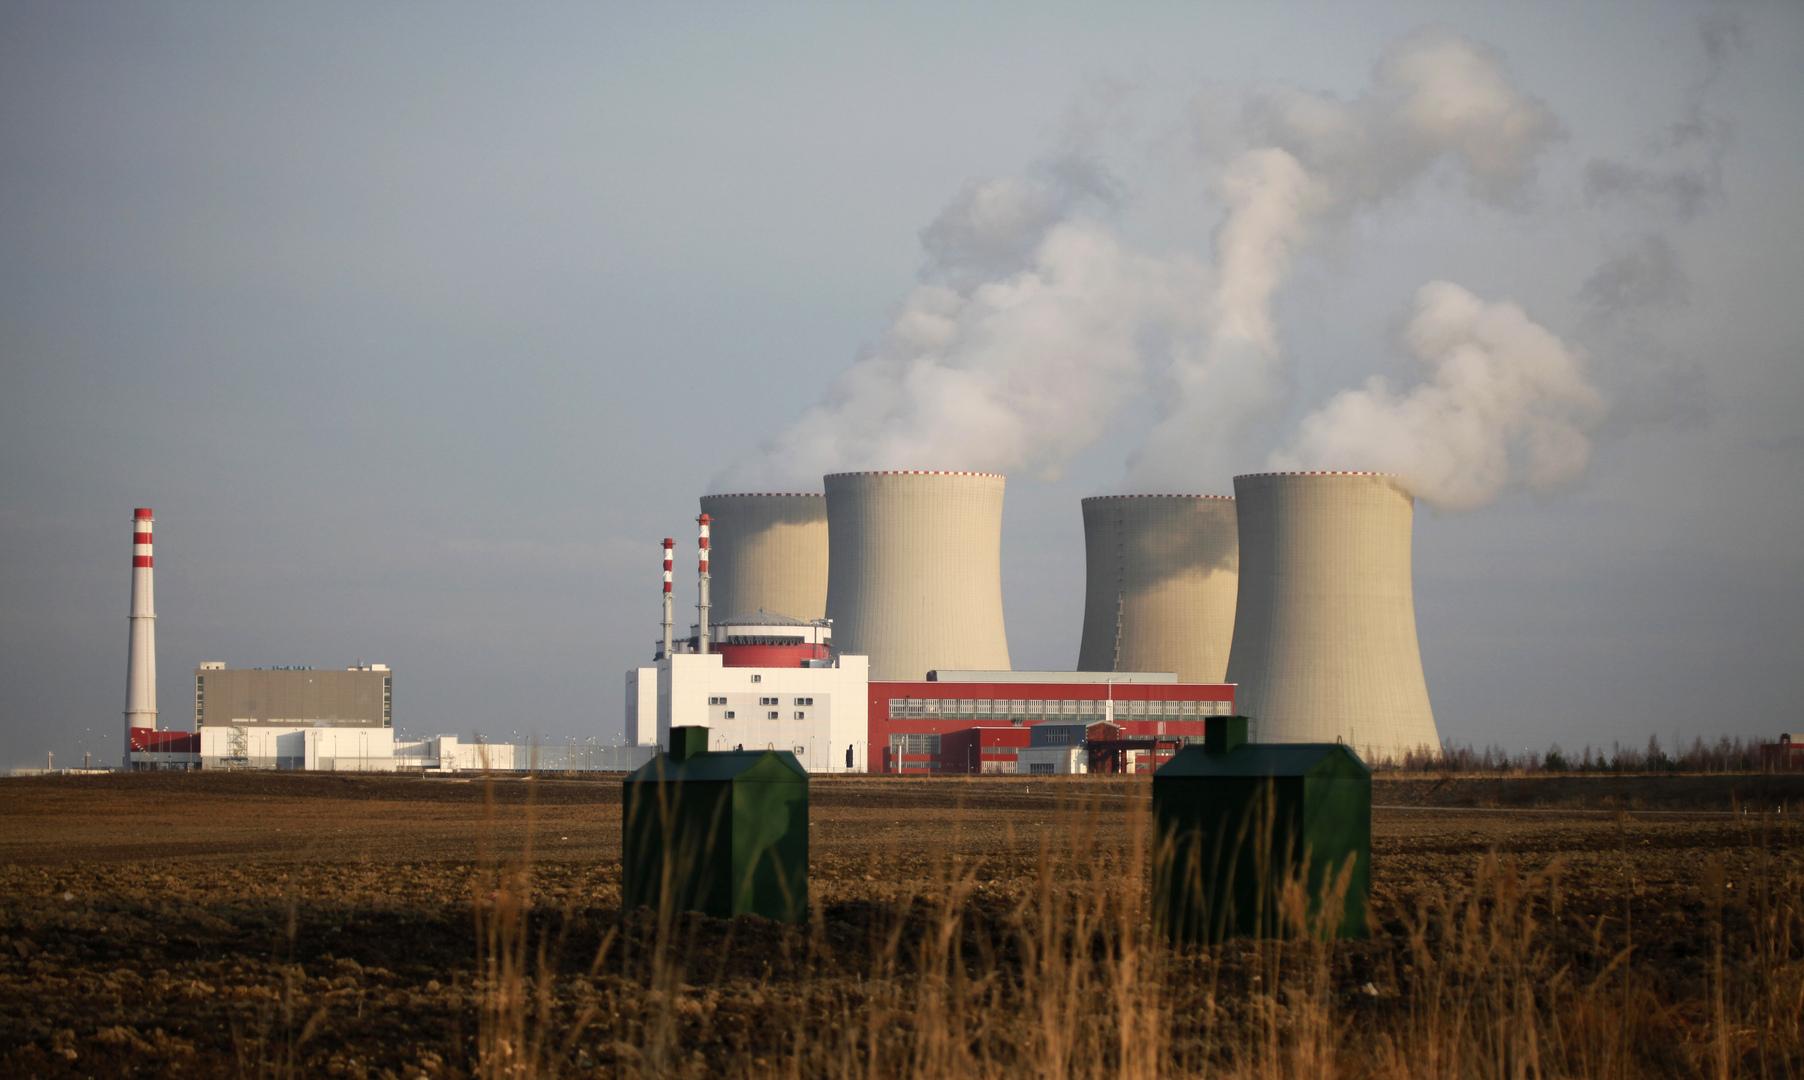 منشأة نووية في الجمهورية التشيكية